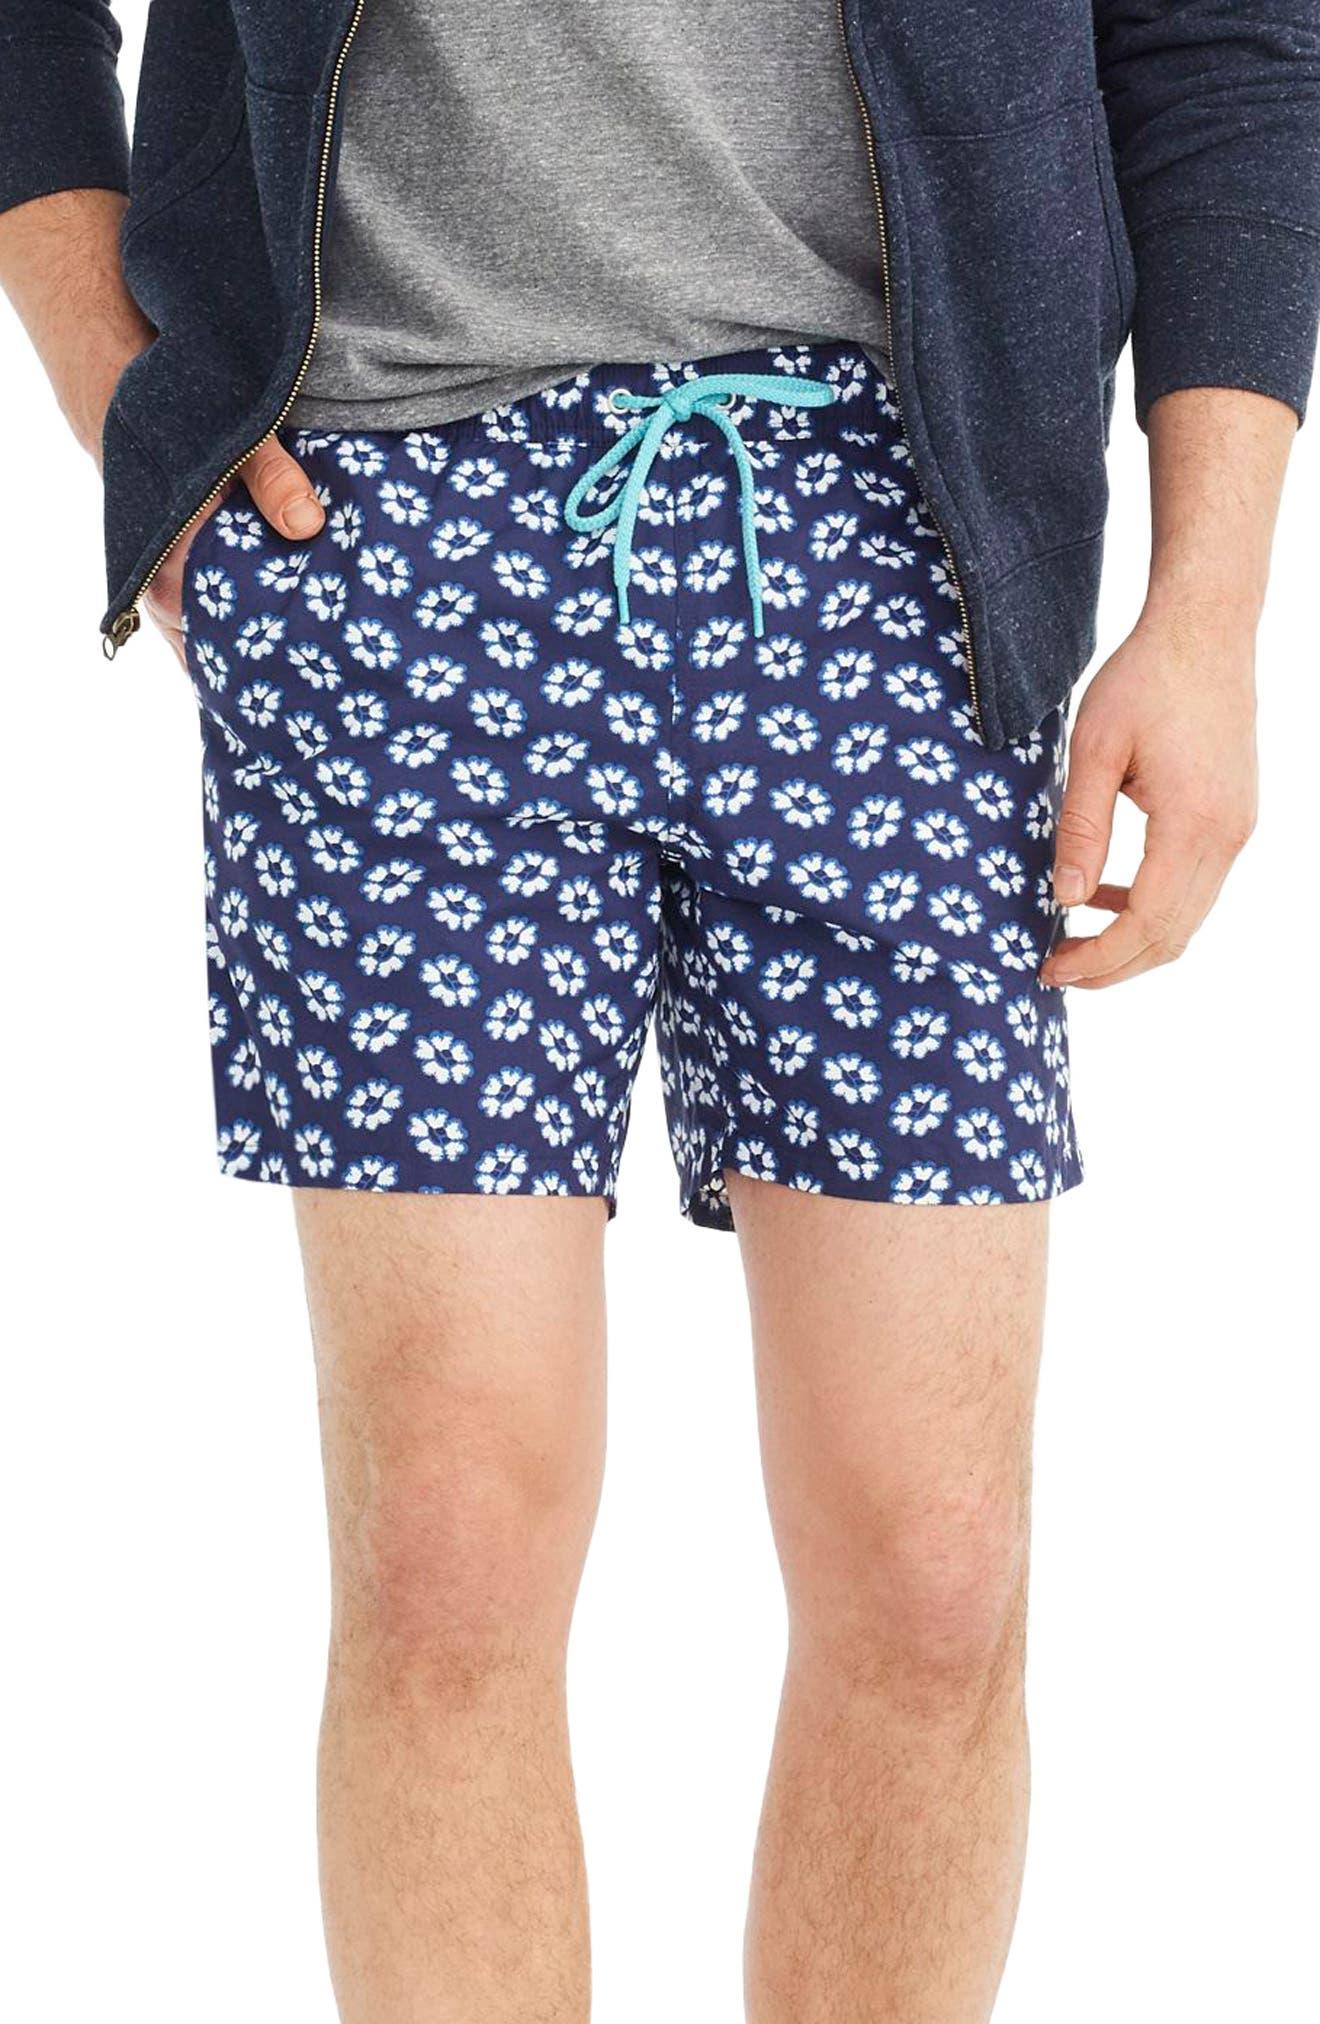 J.Crew Floral Print Swim Trunks,                         Main,                         color, Indigo Blue